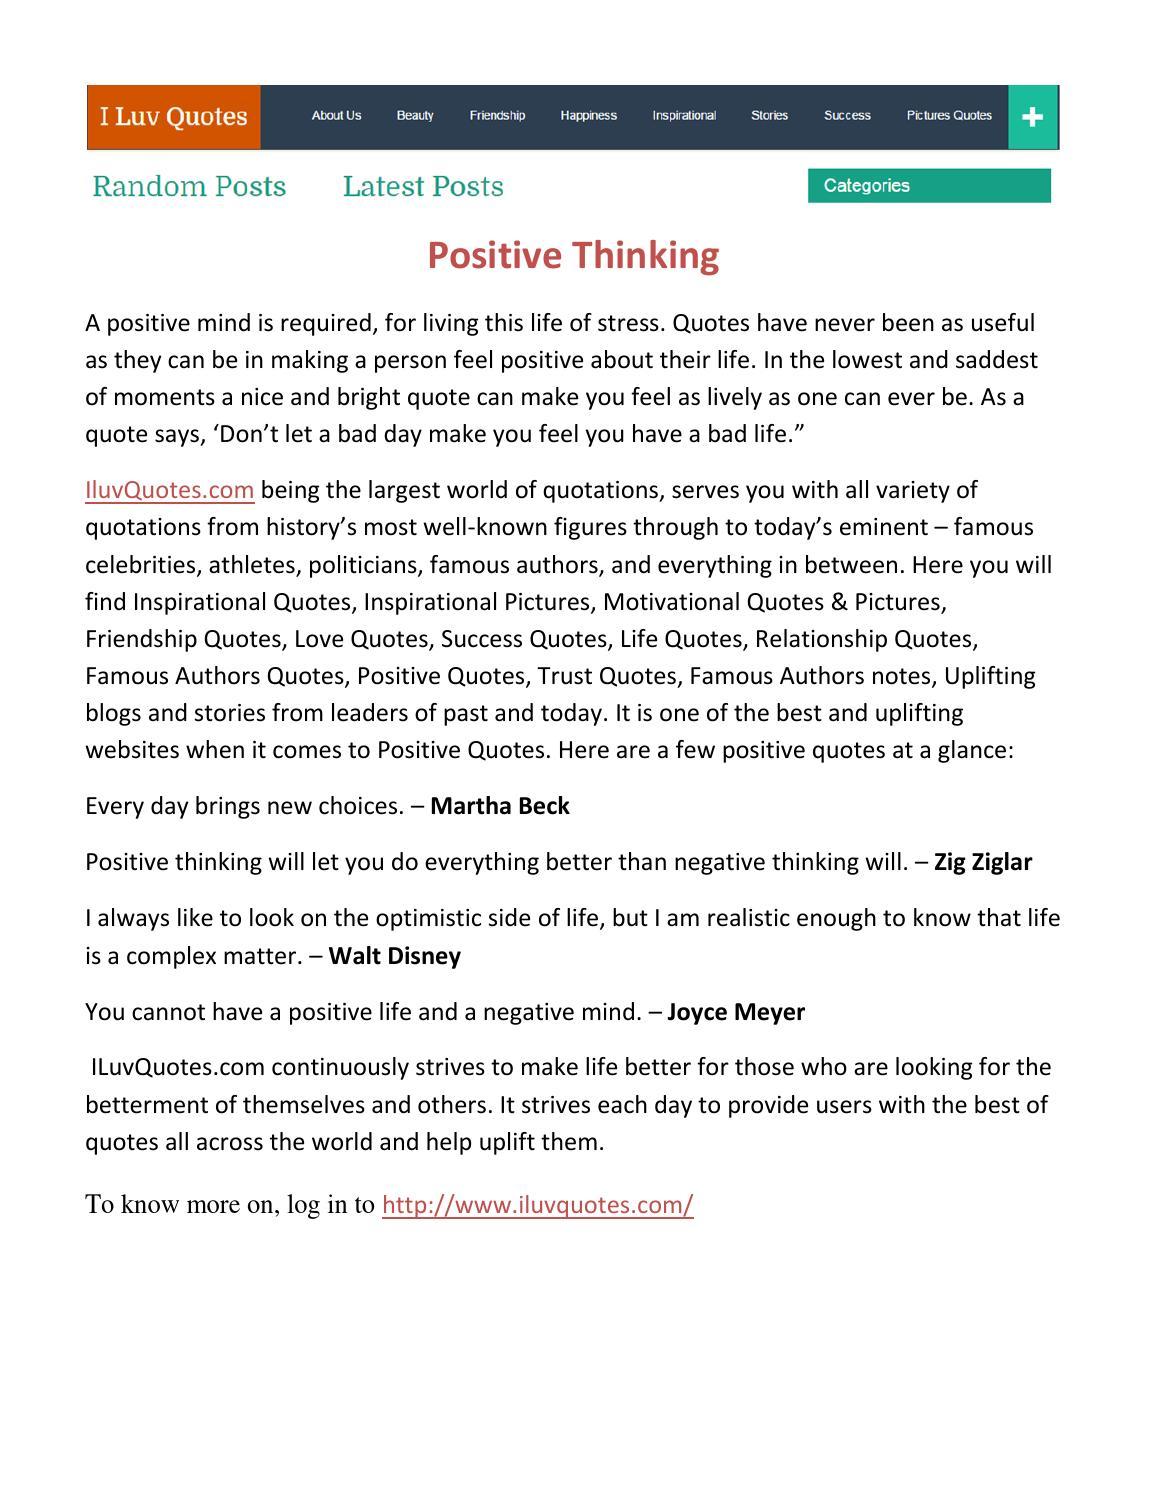 Positive Quotations About Life Positive Thinkingdeepak Kumar  Issuu